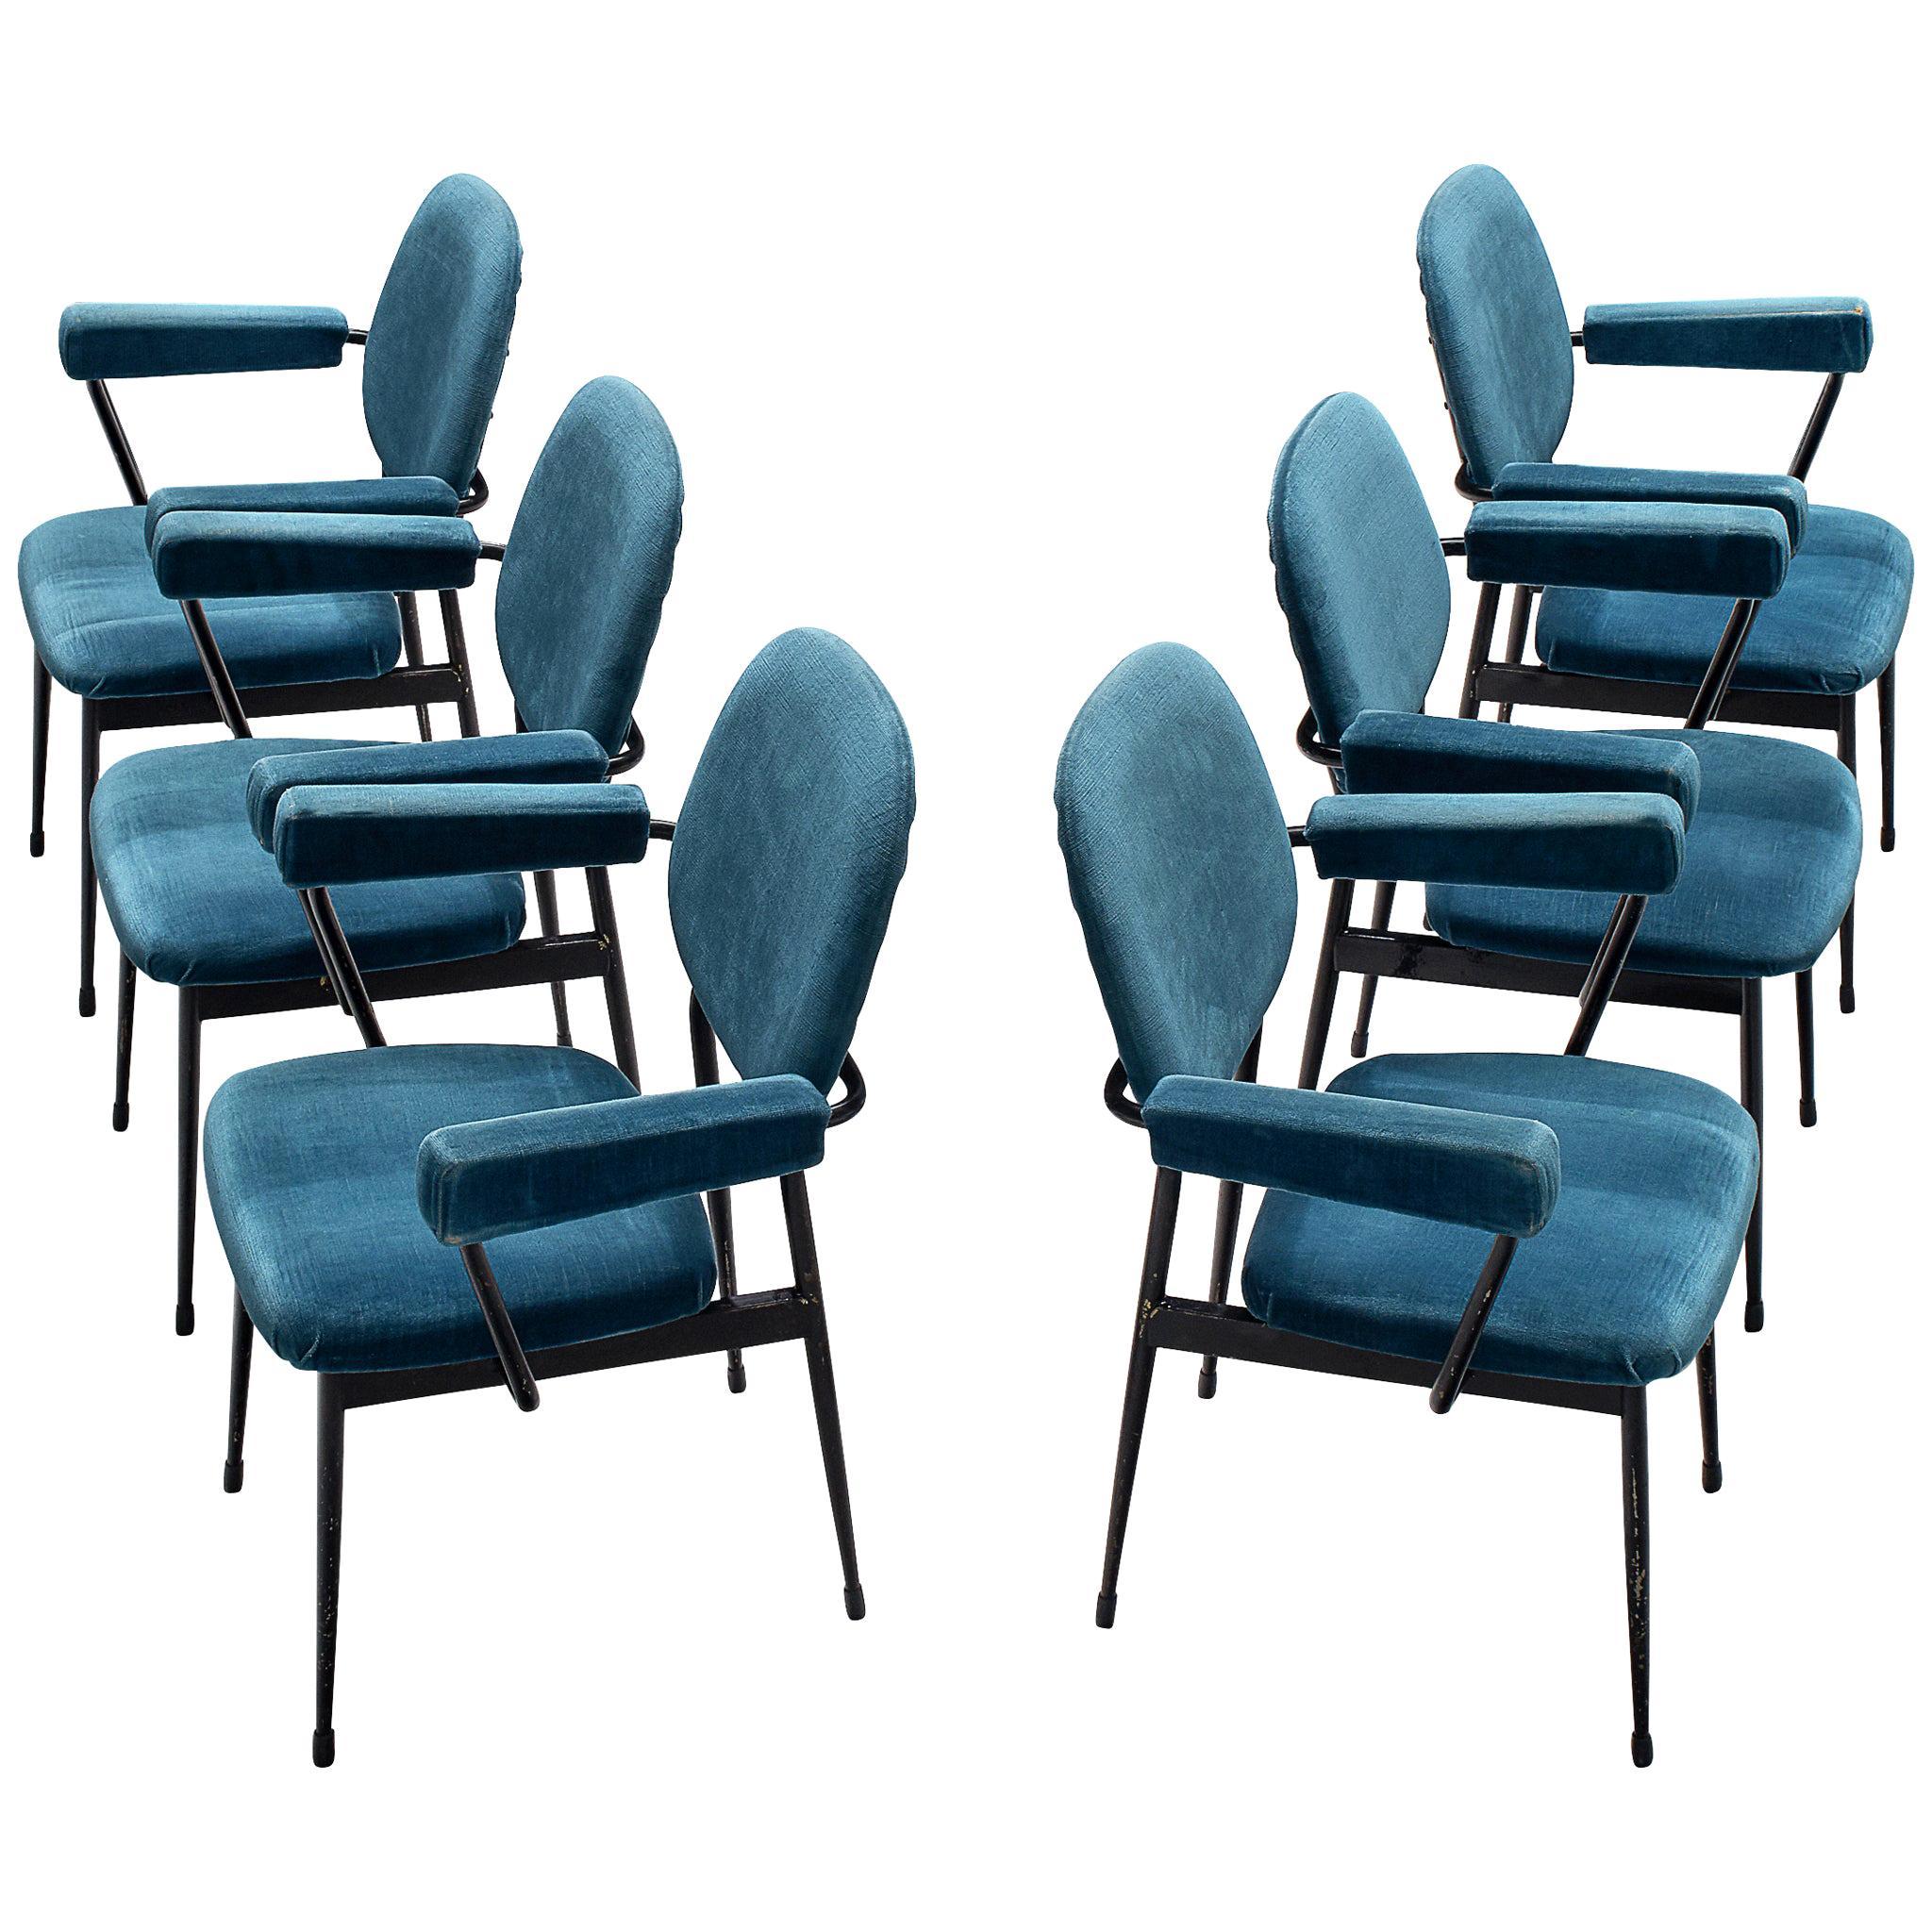 Large Set of Six Blue Velvet Italian Chairs